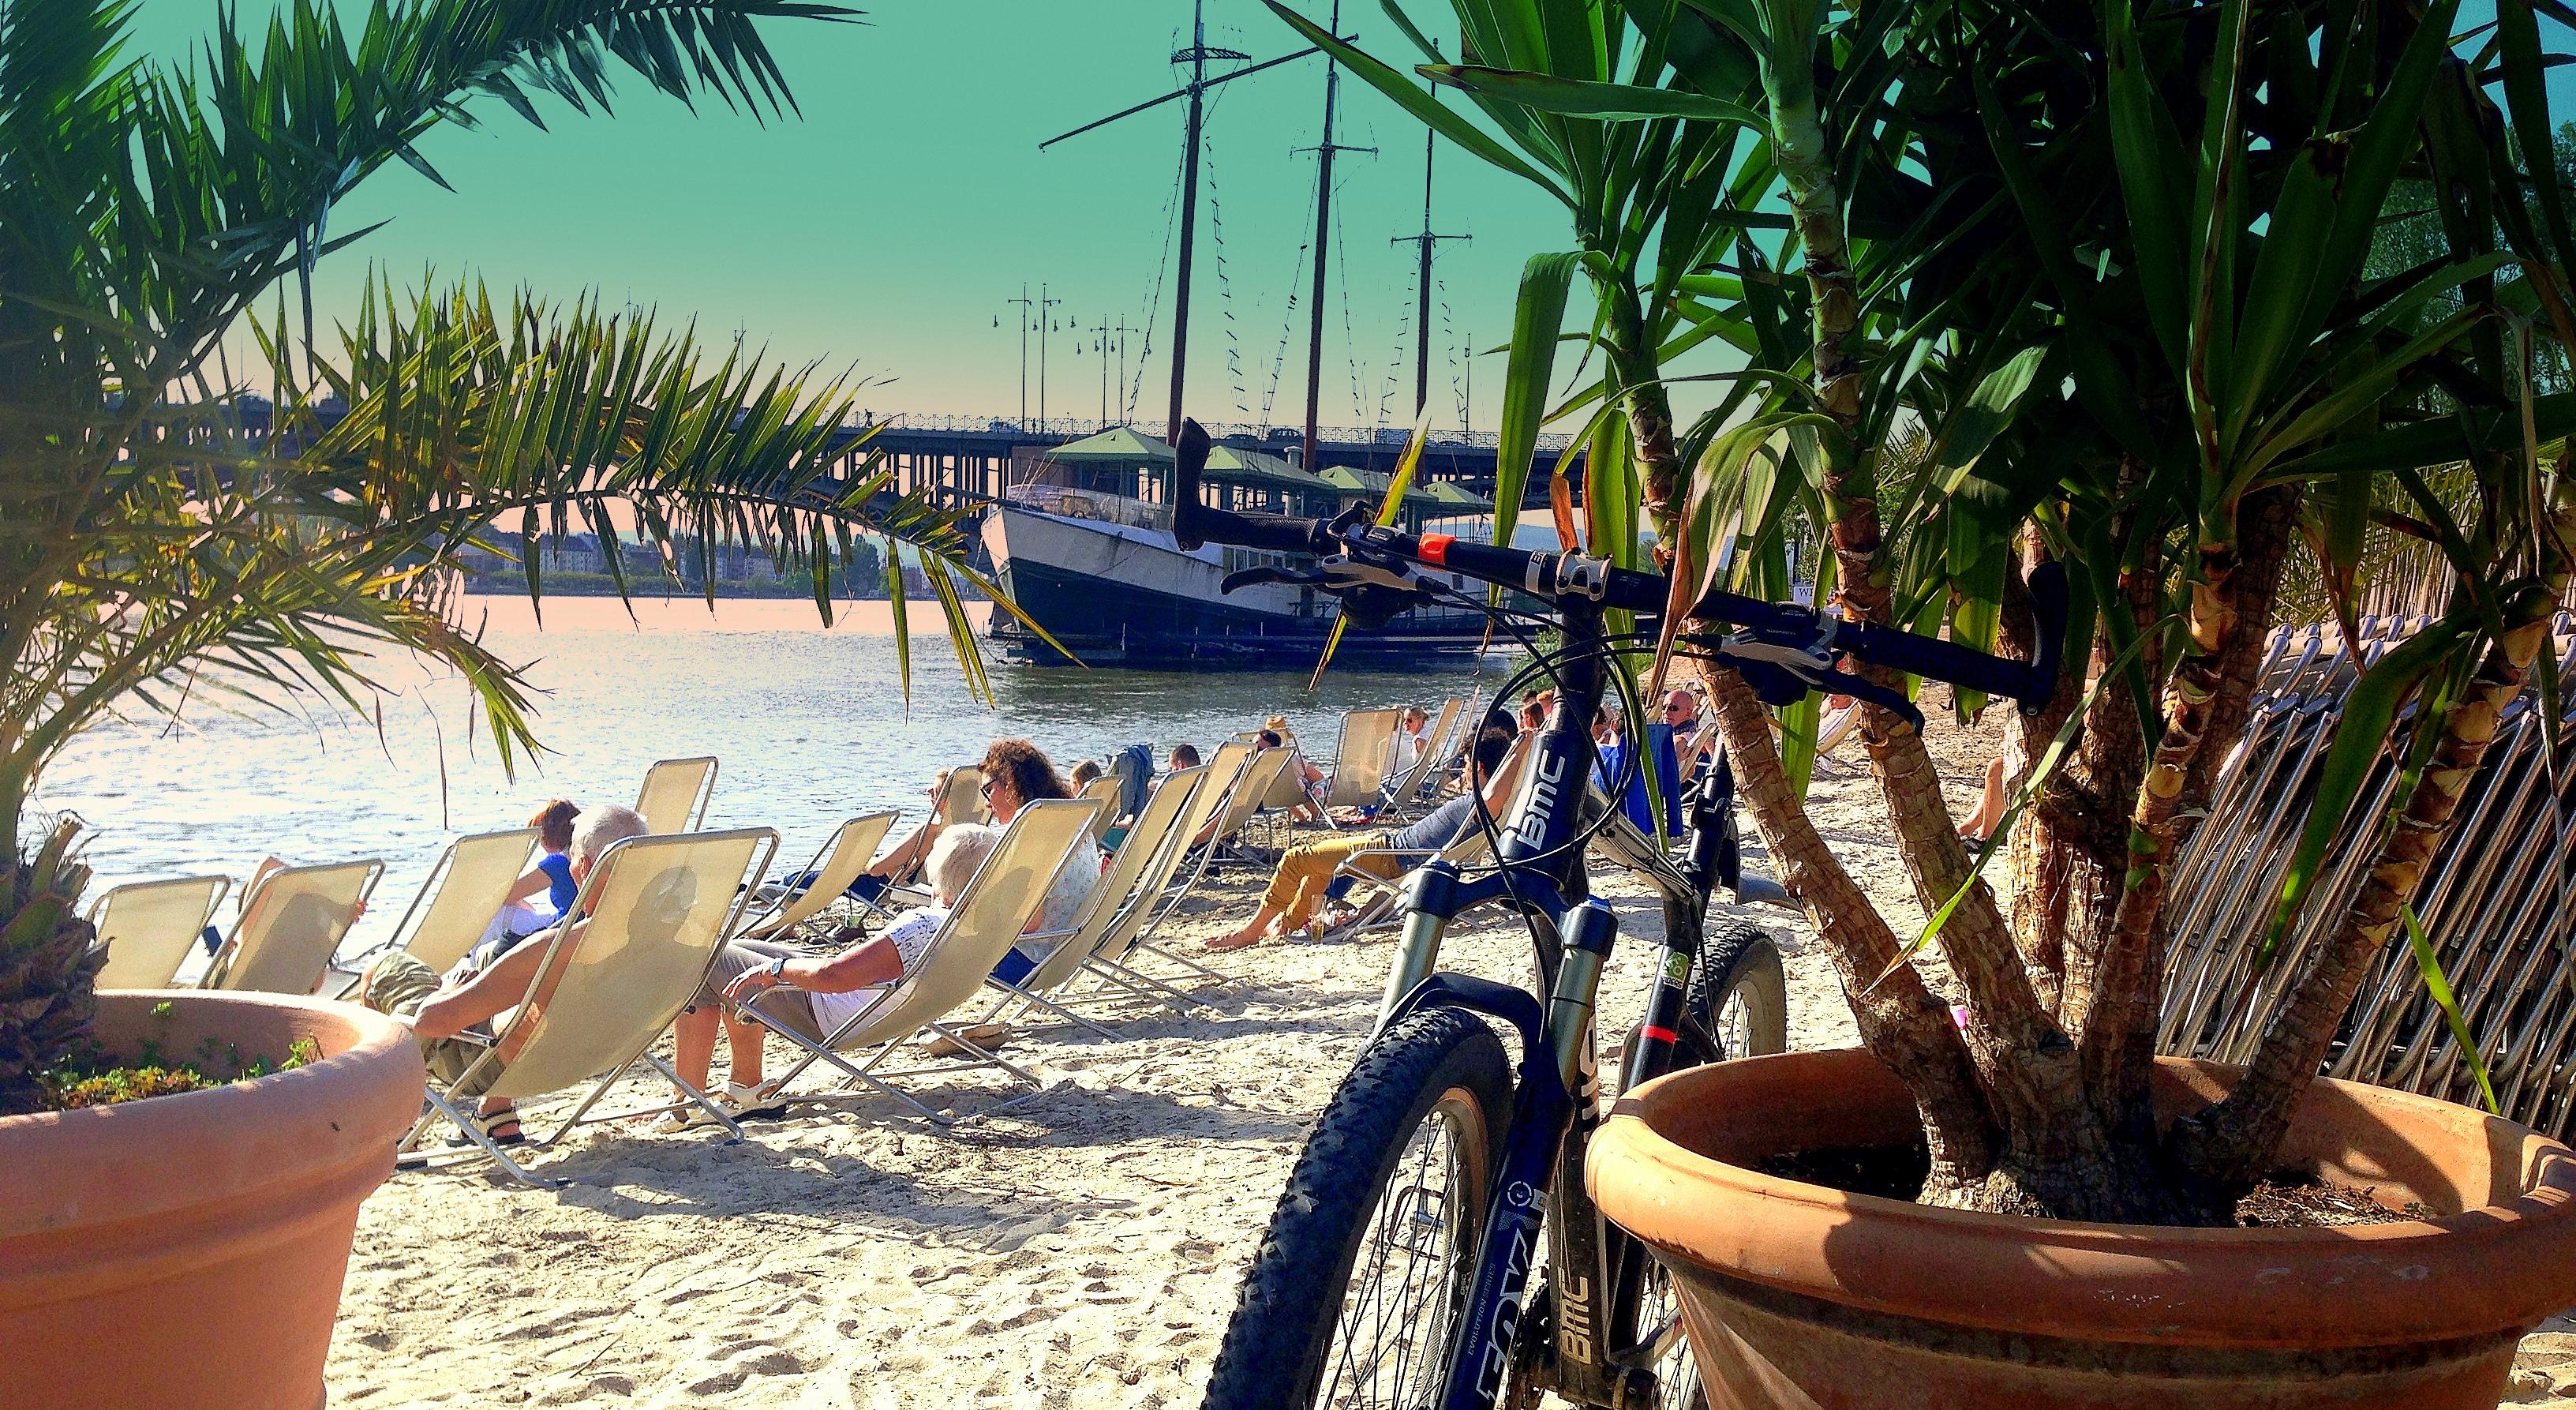 Beach life just around the corner